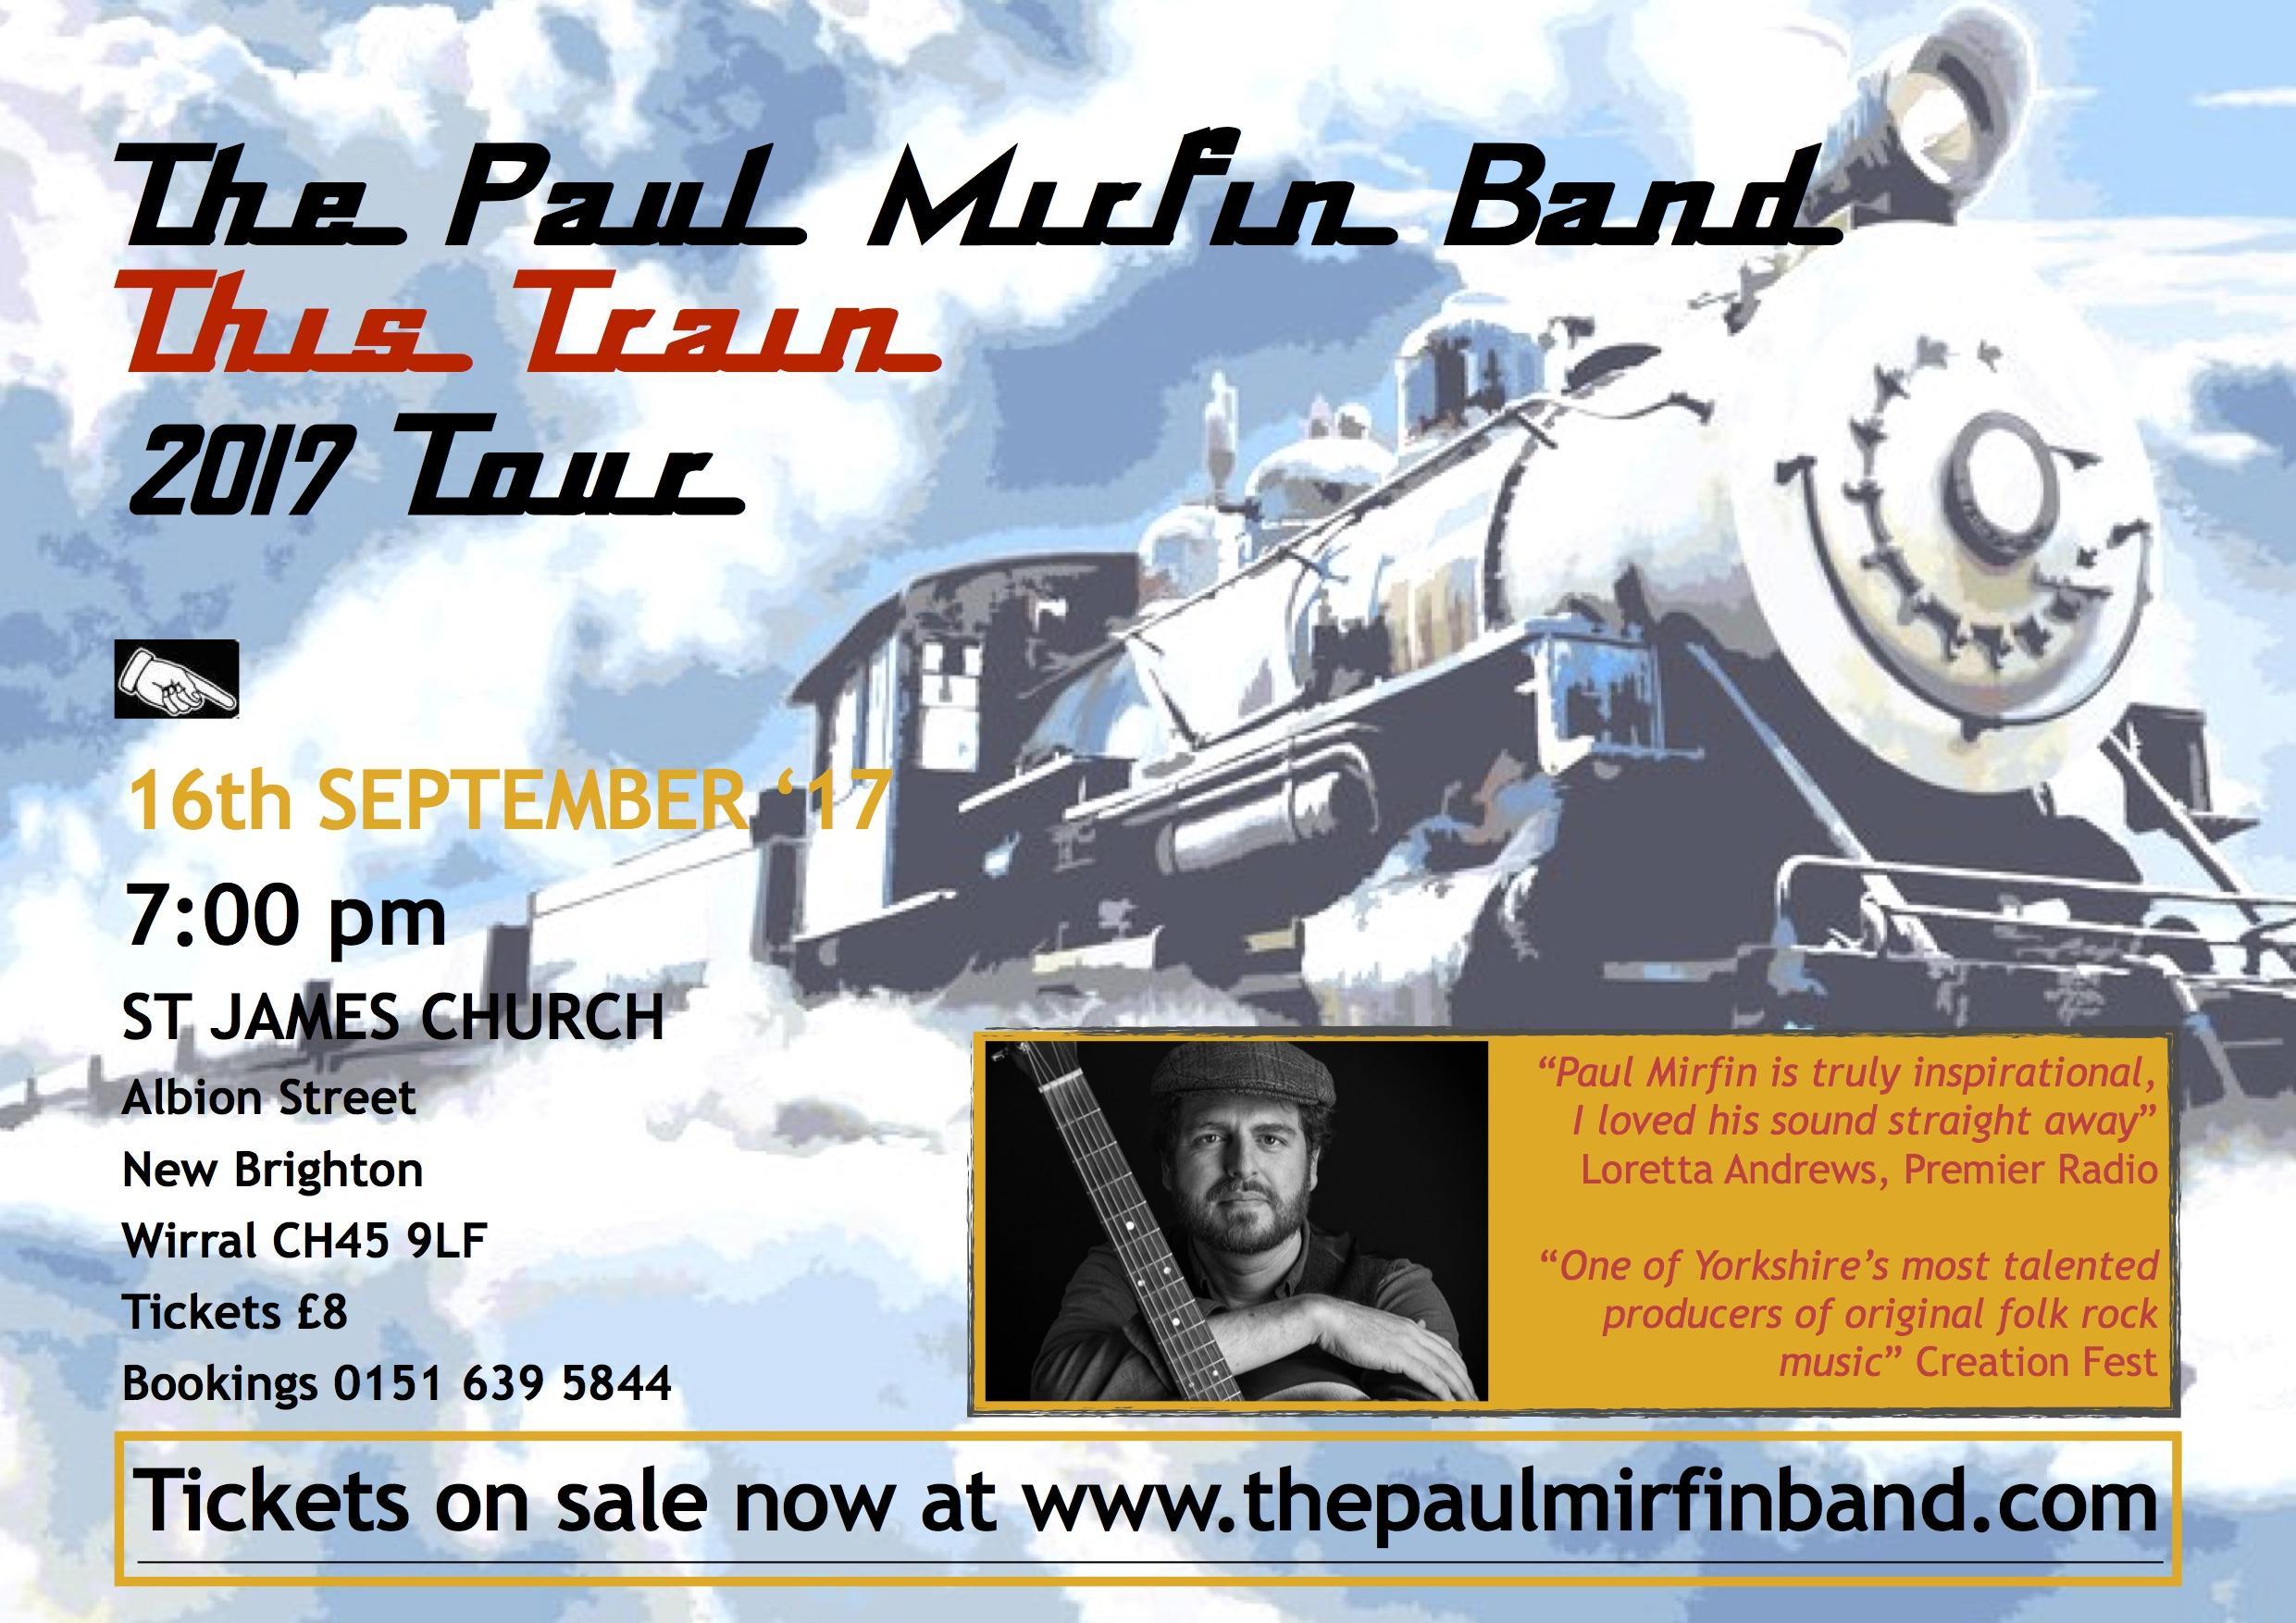 THE PAUL MIRFIN BAND - 'THIS TRAIN' 2017 TOUR